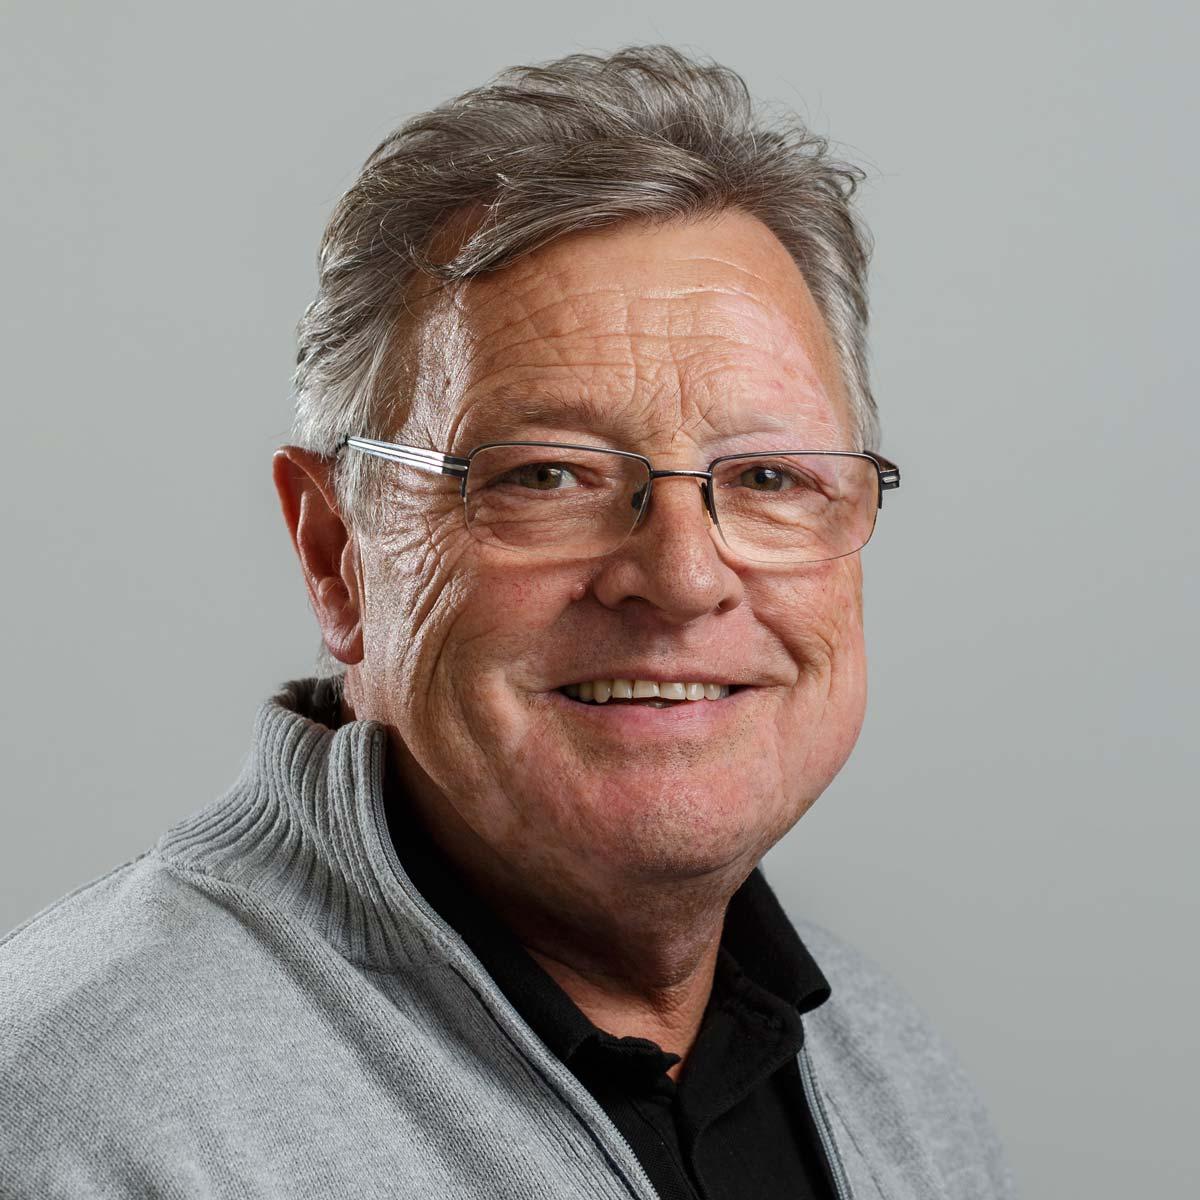 Kontakt: Johann Span, Geschäftsführer